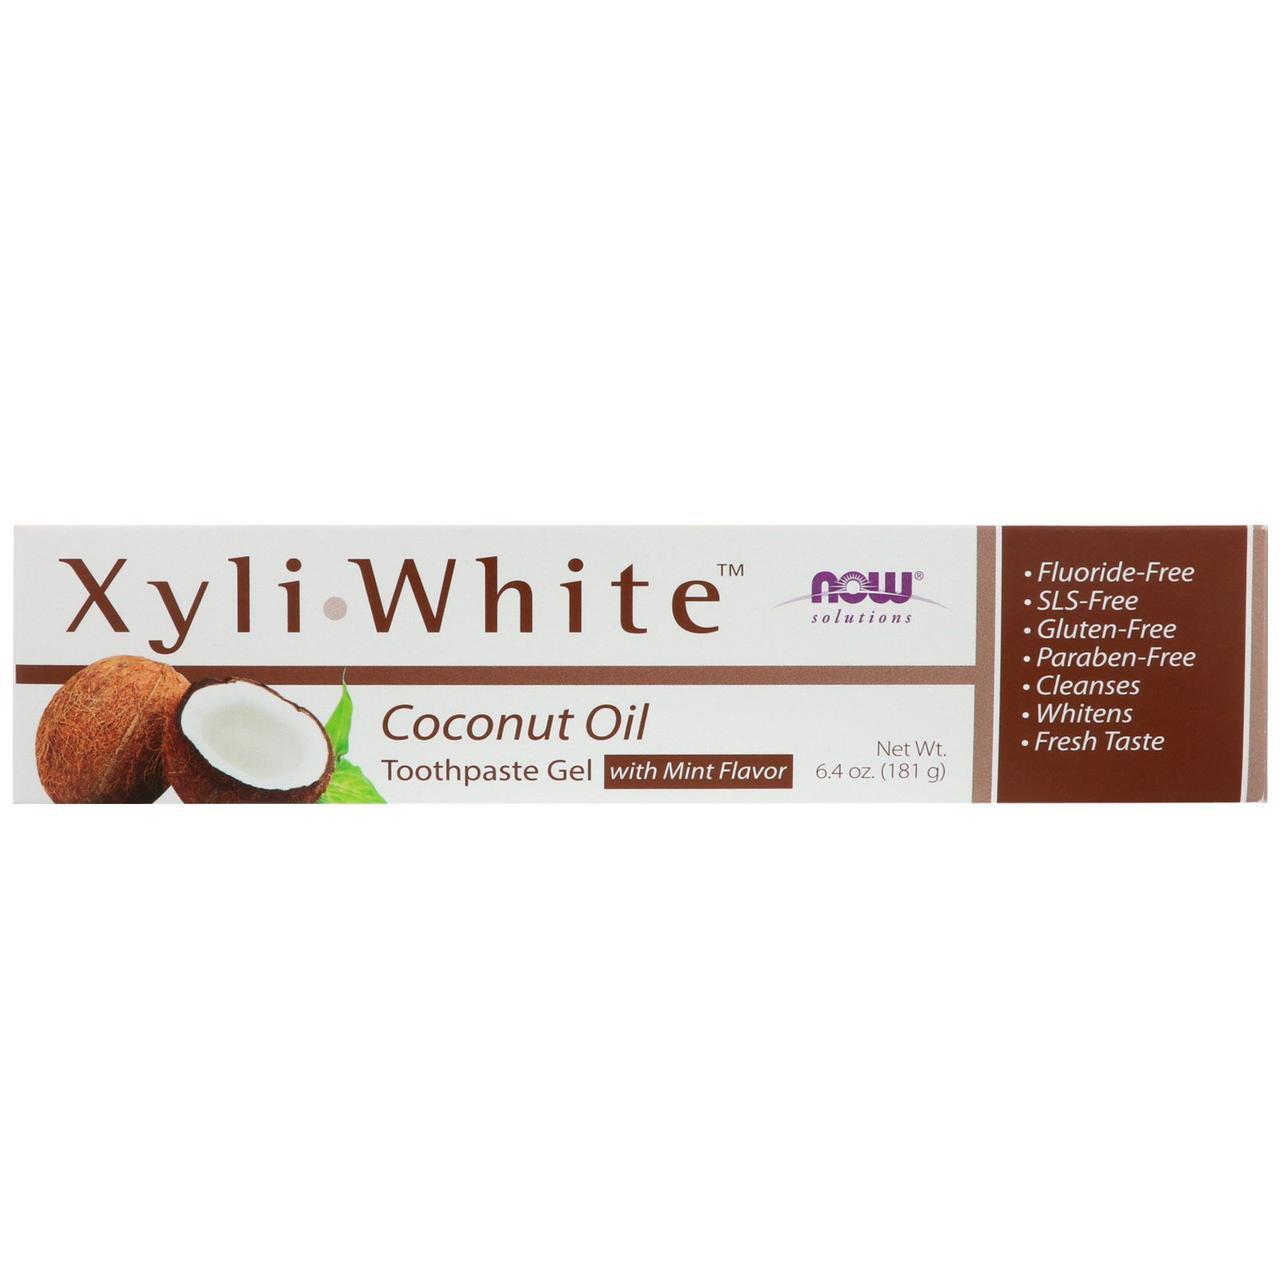 Зубна паста - гель, кокосове масло зі смаком м'яти, 181 р Now Foods, Solutions, XyliWhite